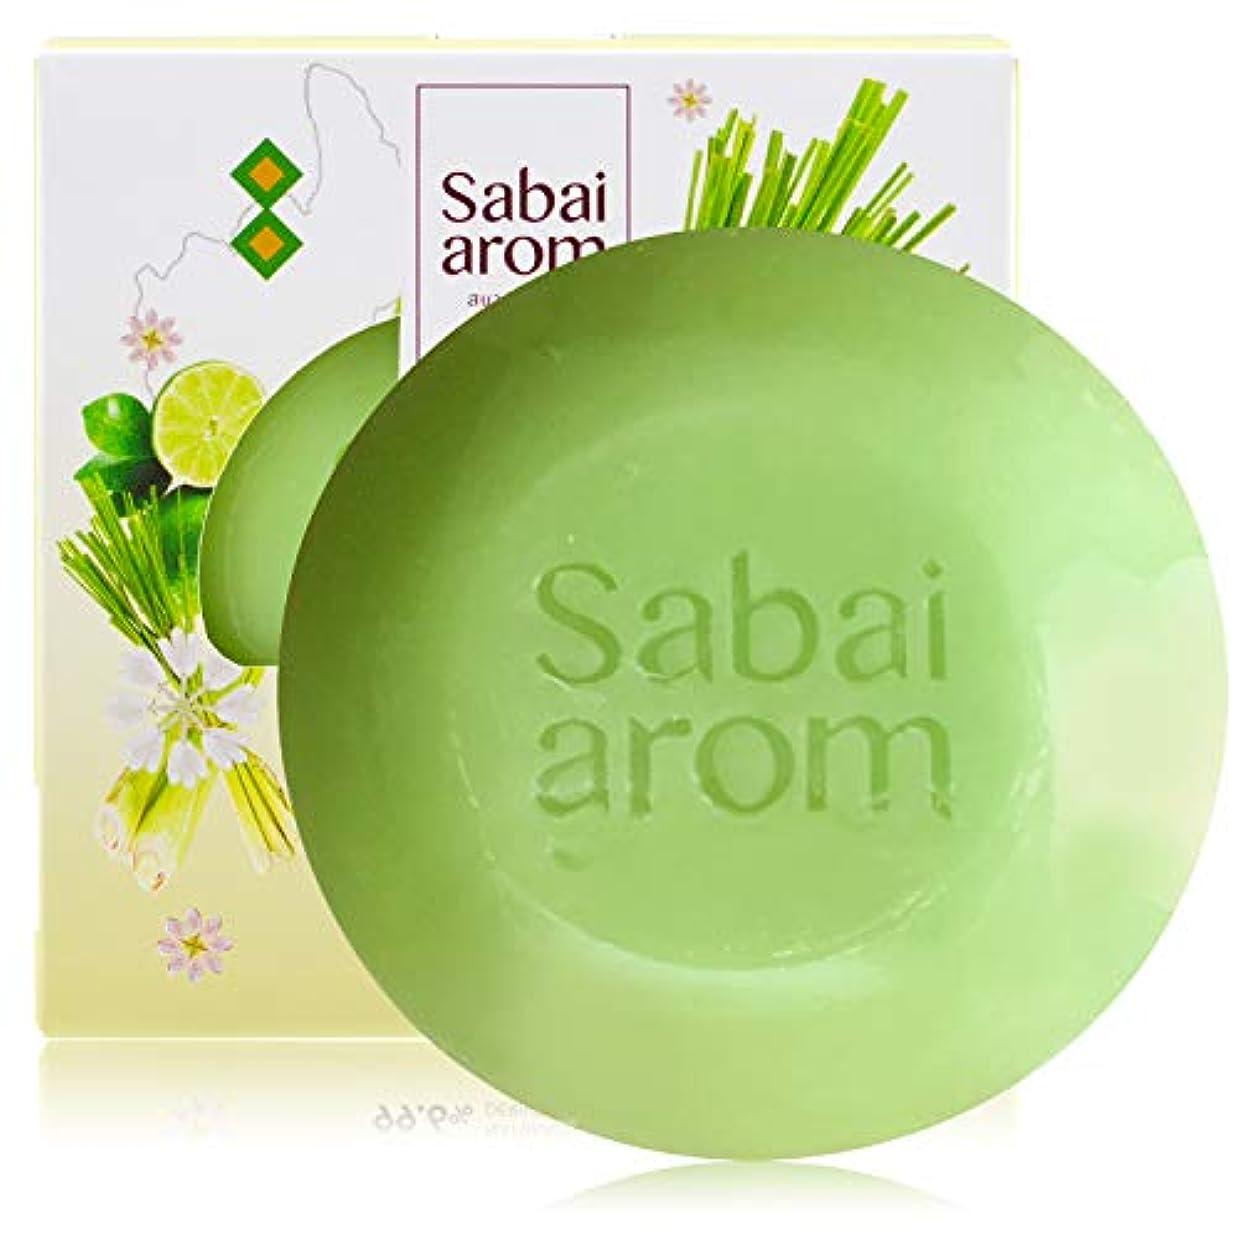 ボット収まる引き出すサバイアロム(Sabai-arom) レモングラス フェイス&ボディソープバー (石鹸) 100g【LMG】【001】